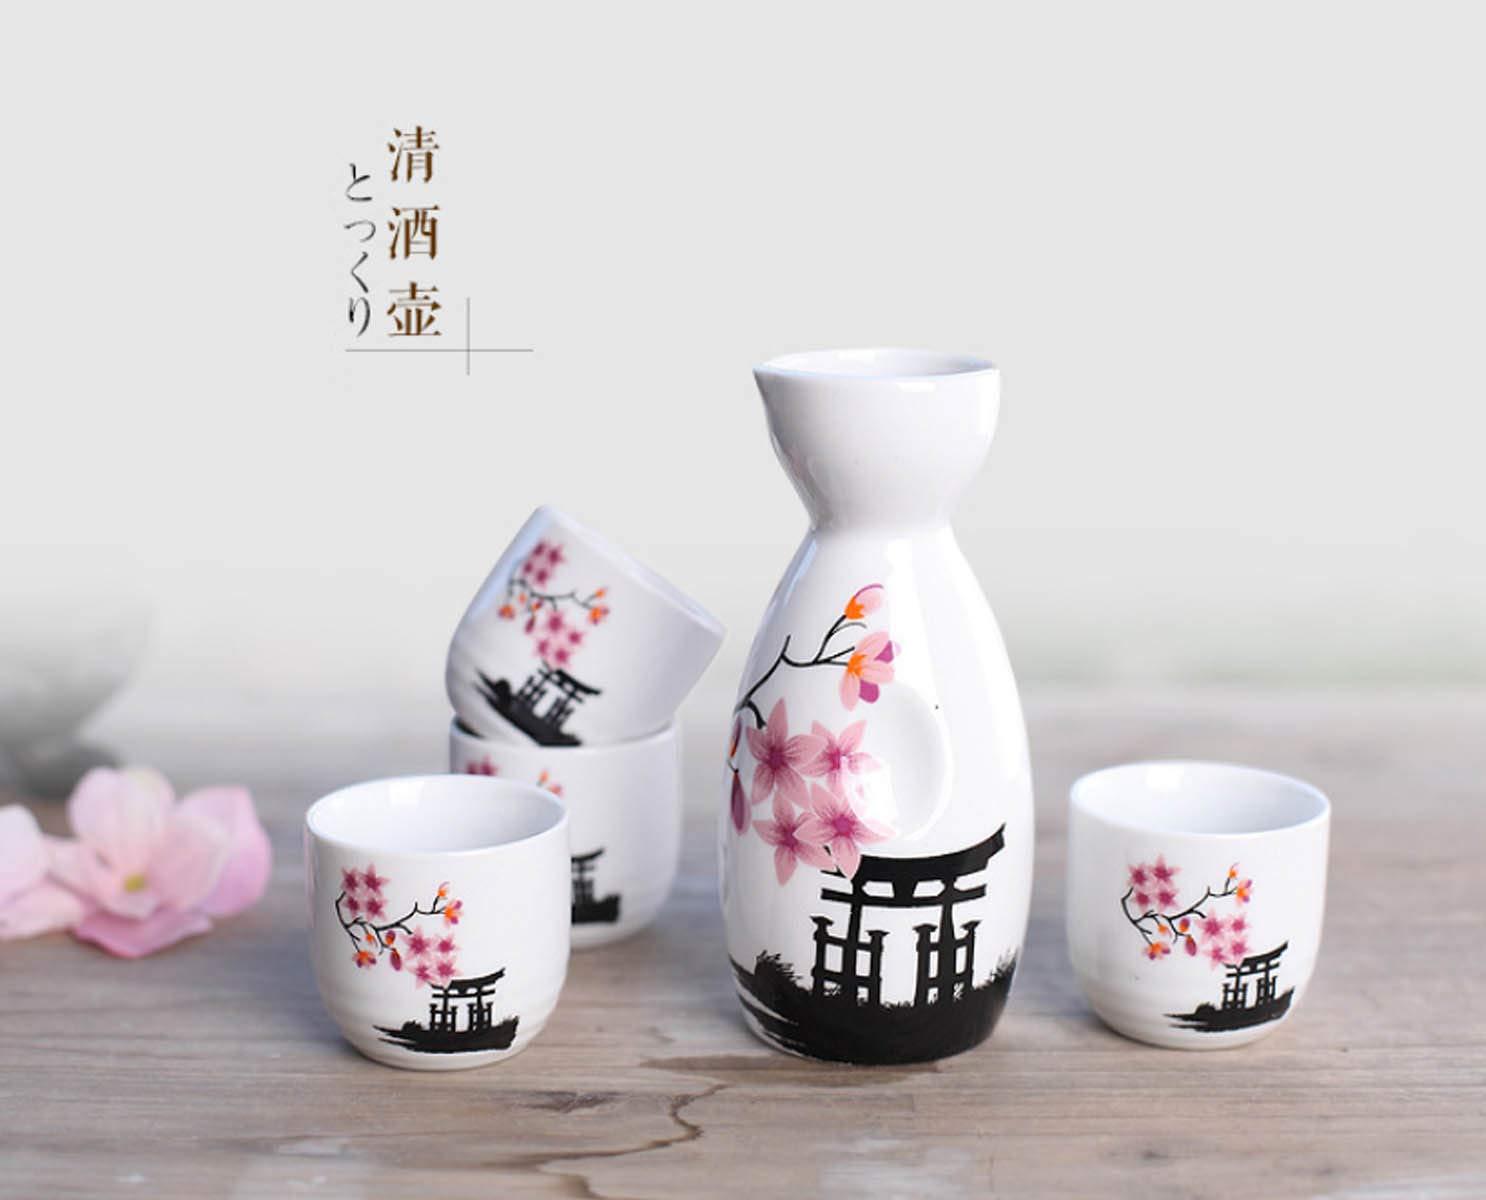 Japanese Ceramic Sake Set ~ 5 Piece Sake Set (Included 1 TOKKURI bottle and 4 OCHOKO cups) W/Sakura Flower Patterns by Mose Cafolo